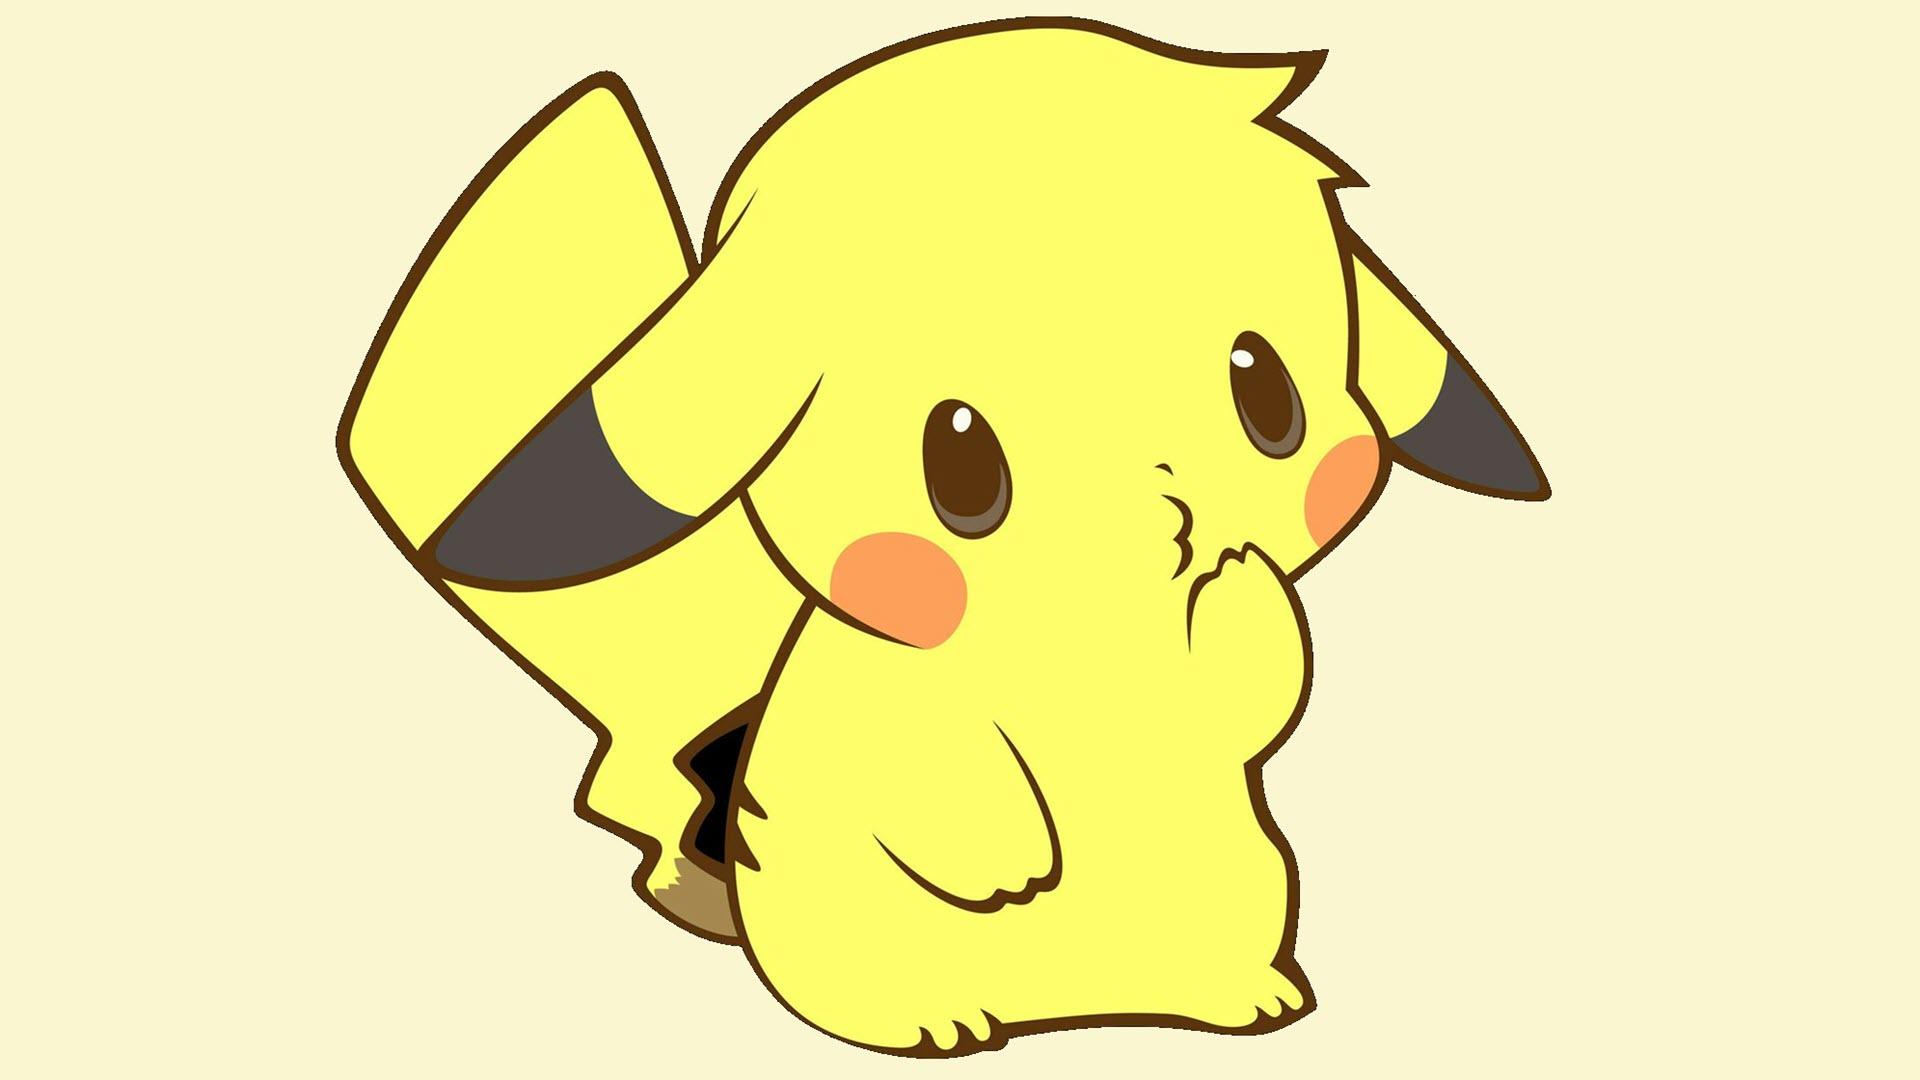 Hình nền Pikachu cute nhất